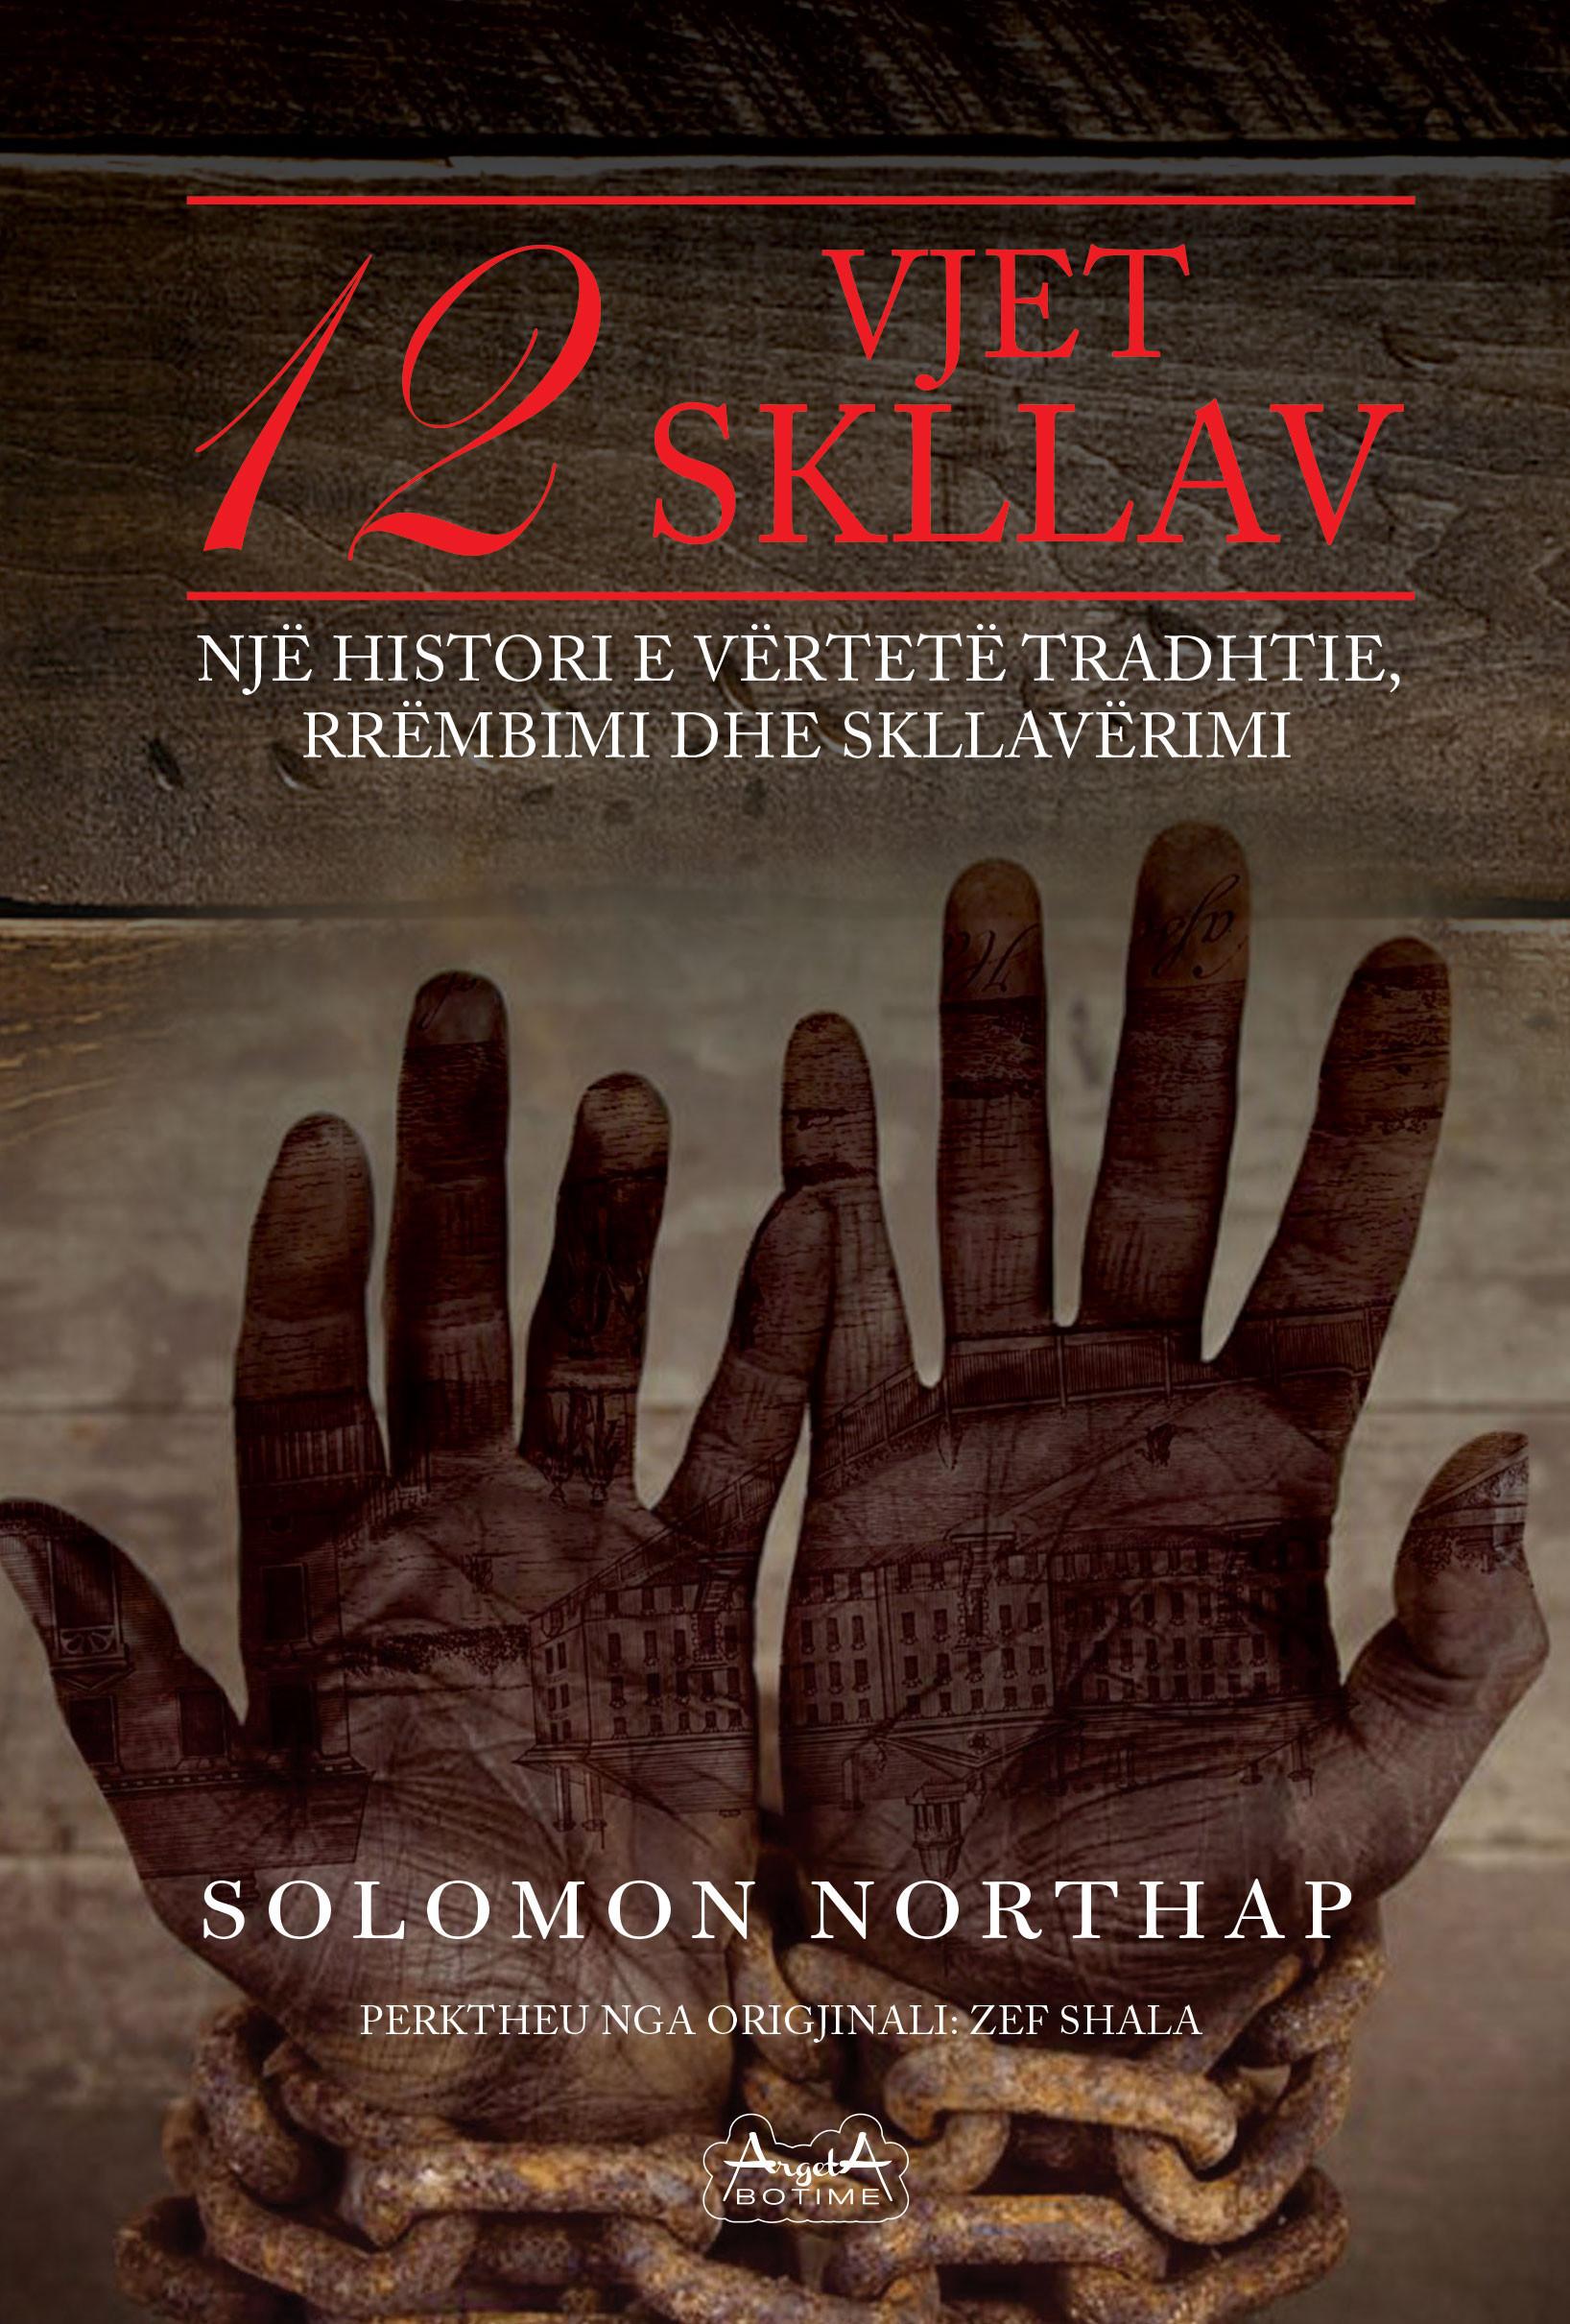 12 vjet skllav